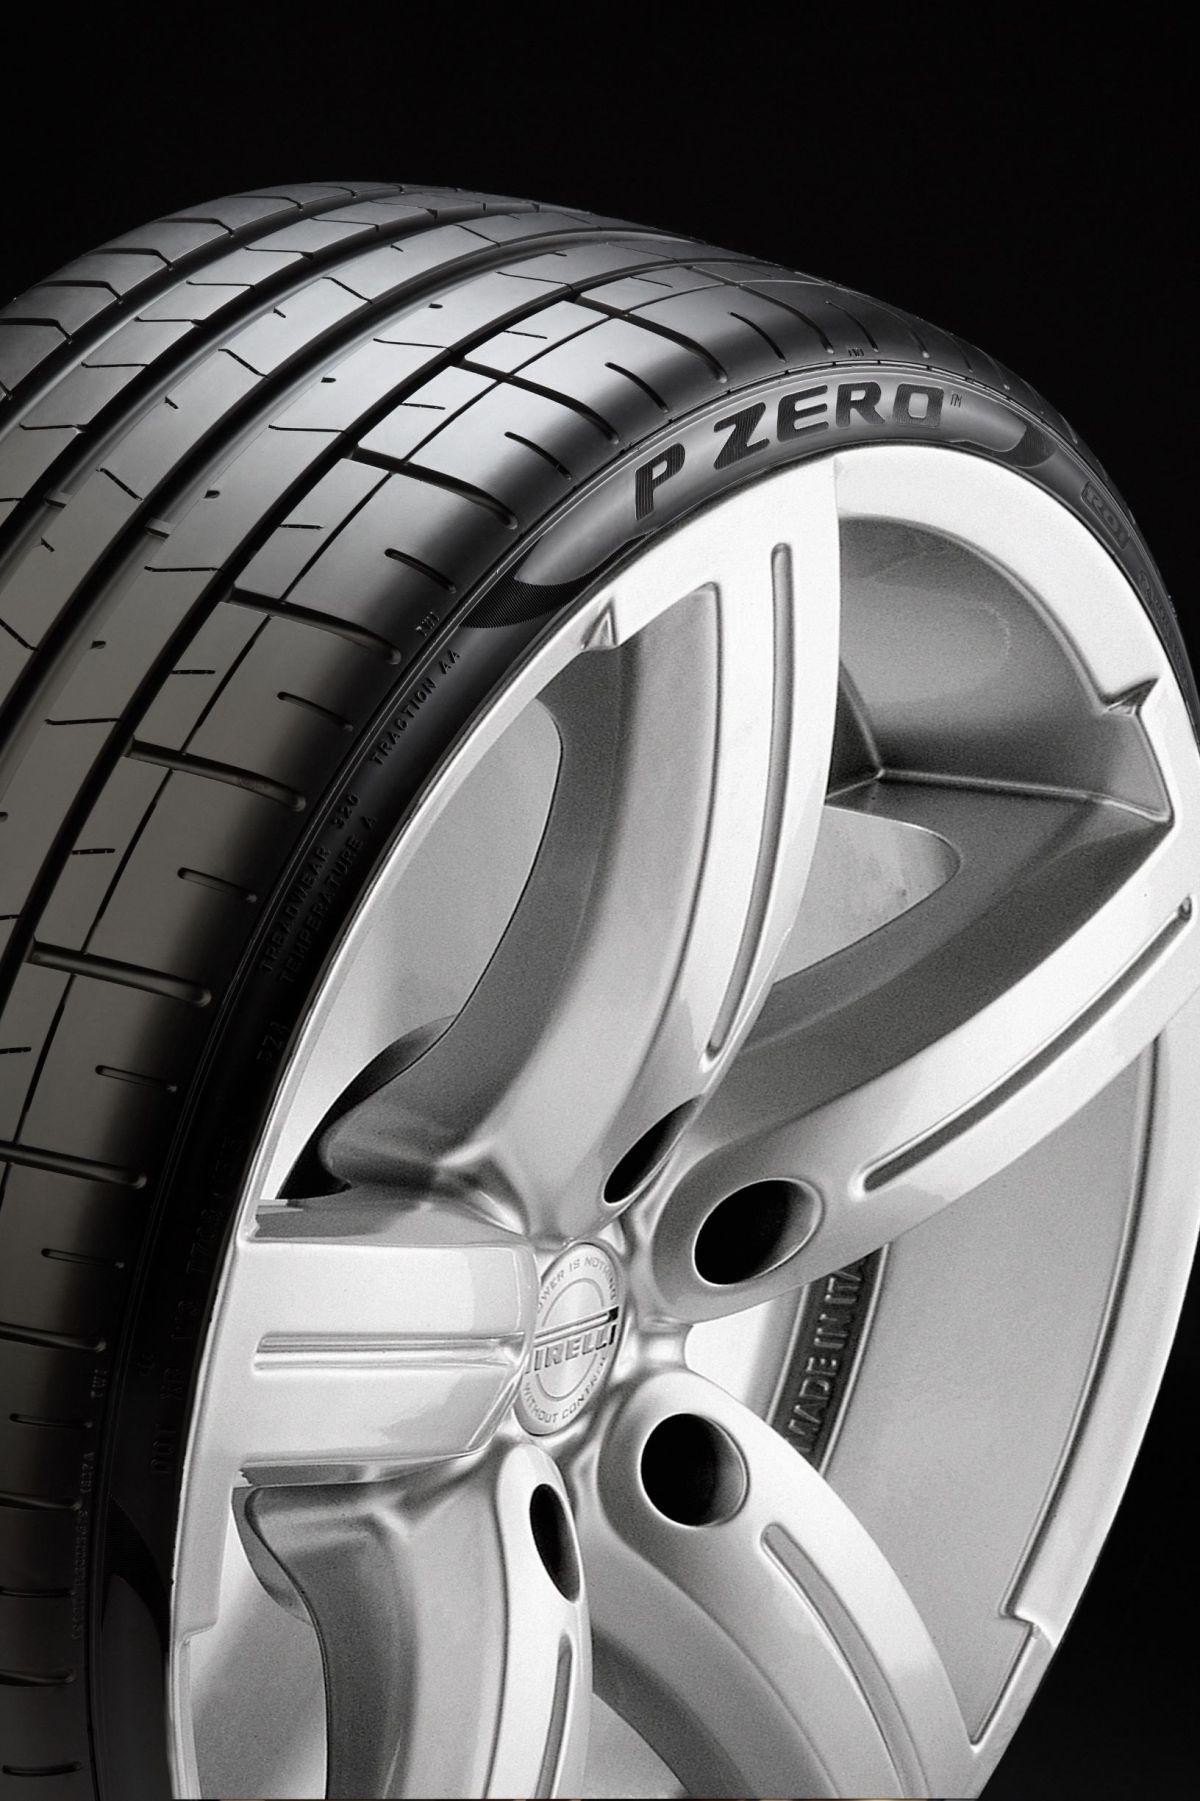 Últimas versiones del BMW Serie 8 incorporan llantas Pirelli